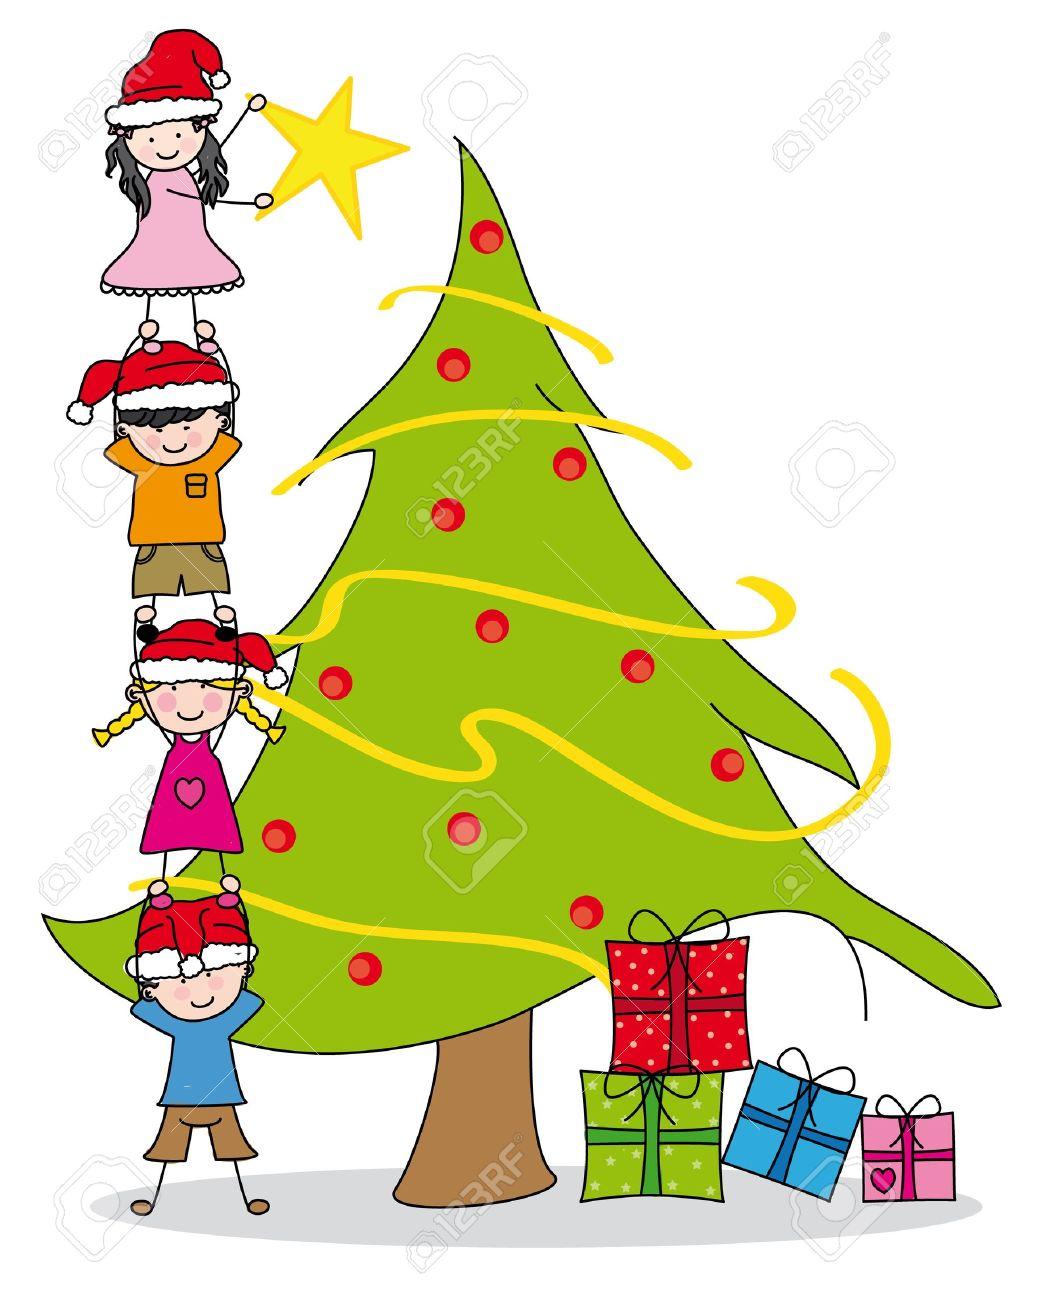 Kinder Schmücken Einen Weihnachtsbaum Lizenzfrei Nutzbare ...